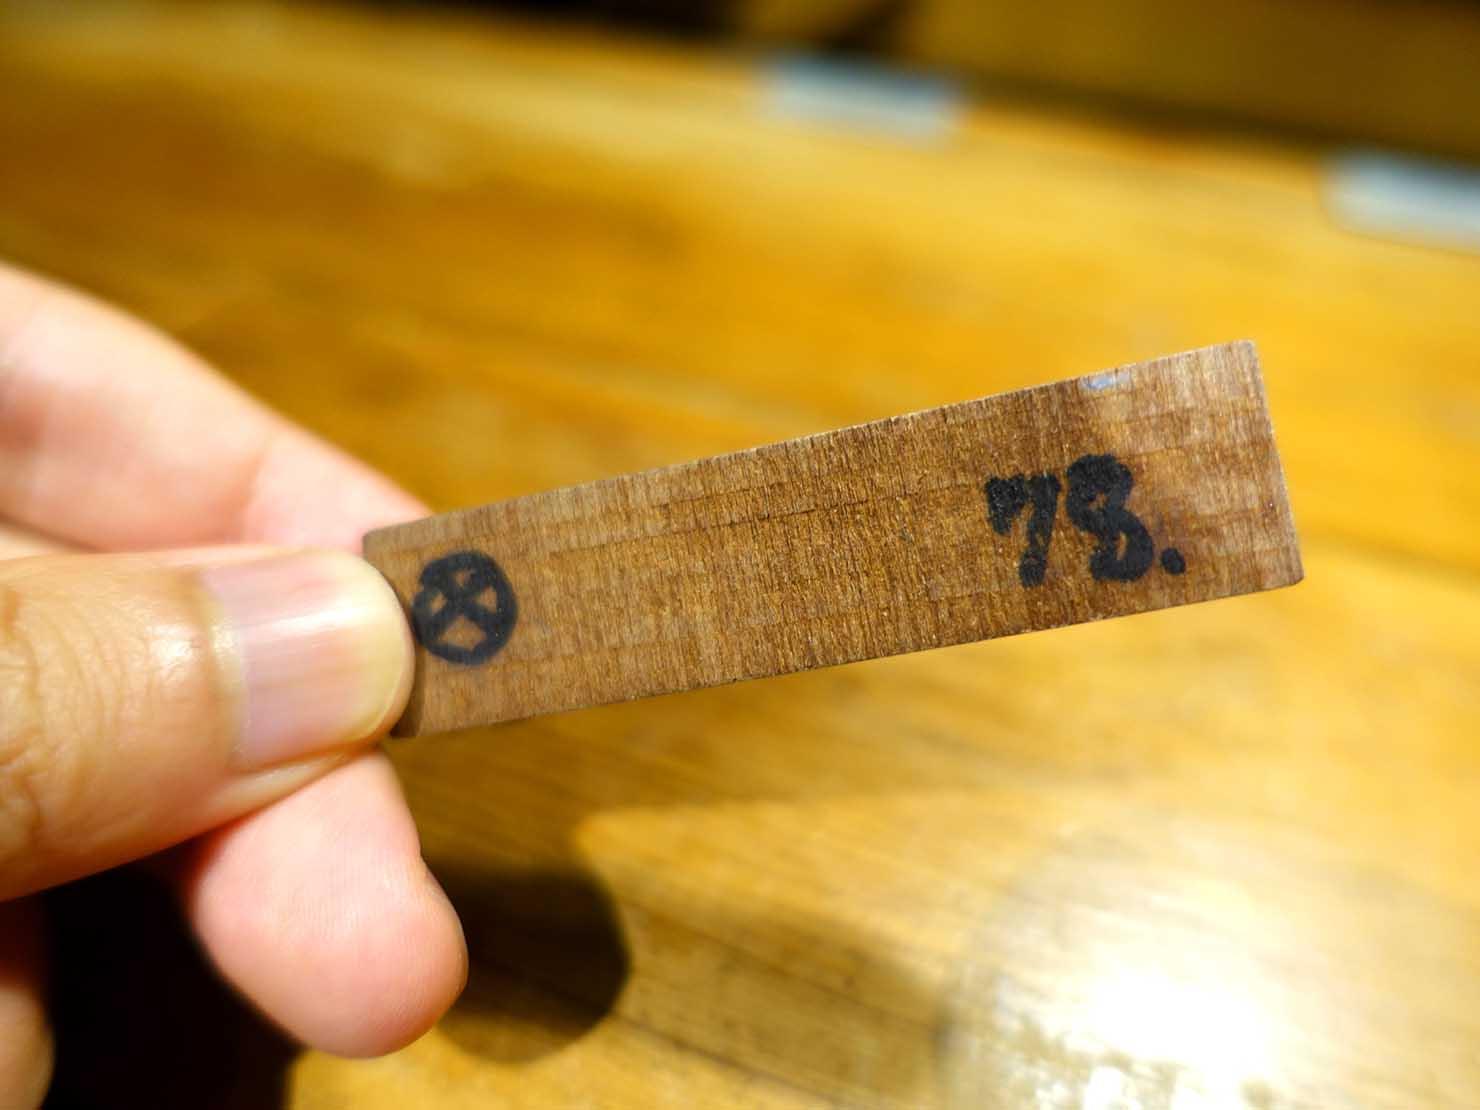 台北・國父紀念館のおすすめグルメ店「VEGE CREEK」のオーダー時に受け取るナンバープレート